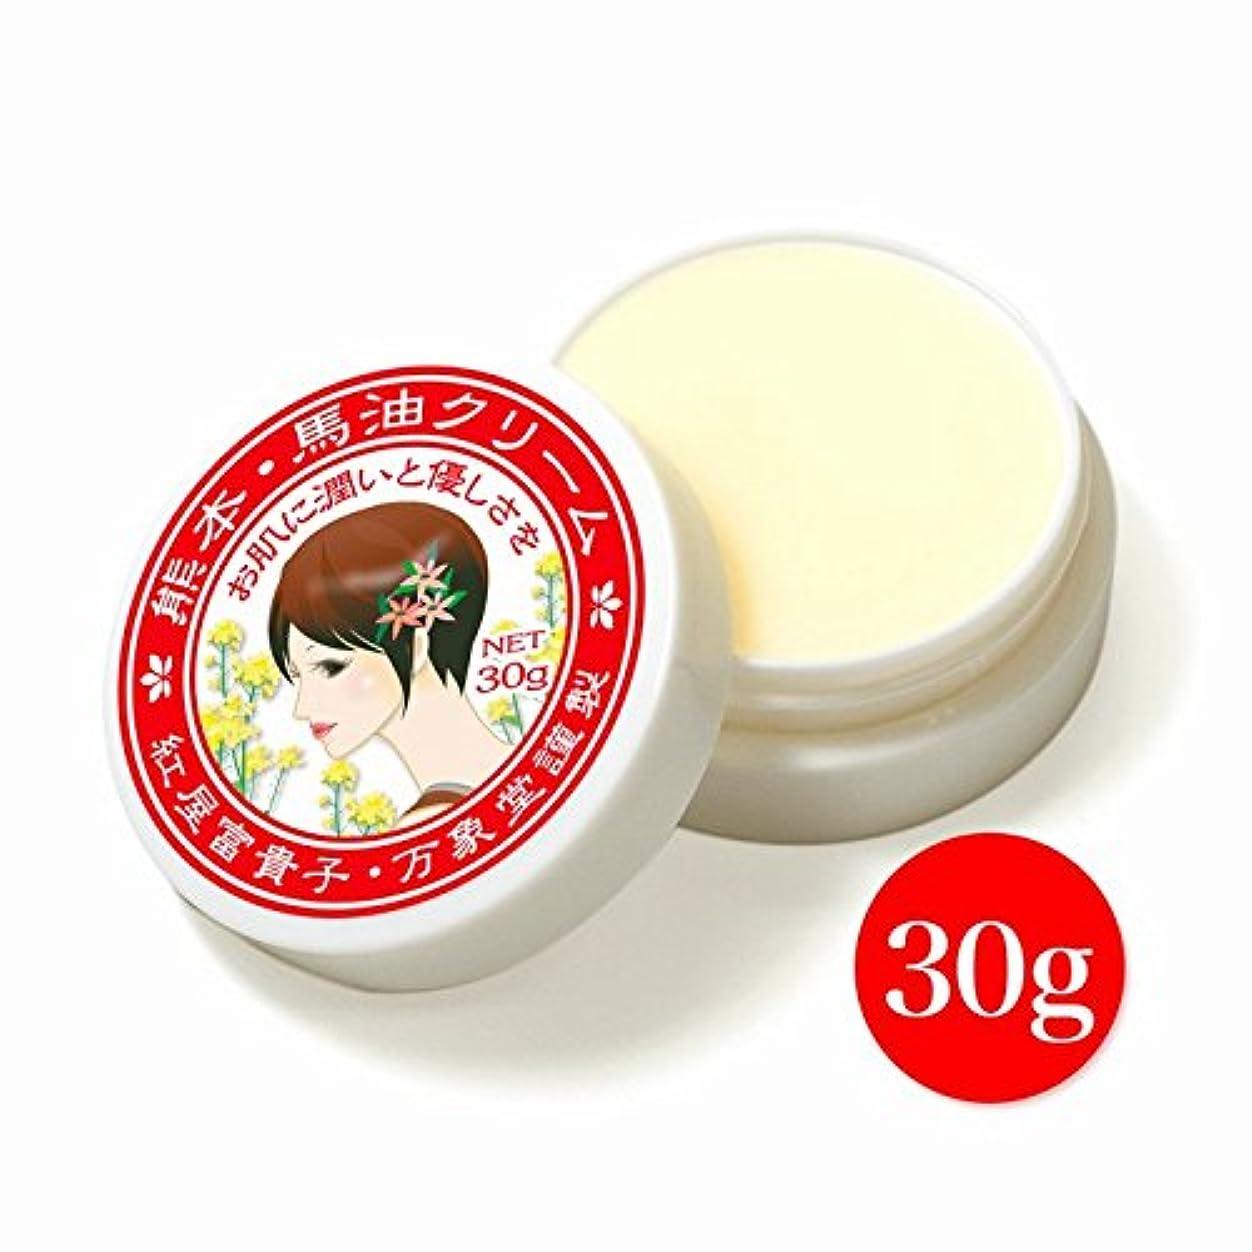 個人的に起こるペッカディロ森羅万象堂 馬油クリーム 30g (ラベンダーの香り)精油 アロマ 国産 保湿 スキンクリーム